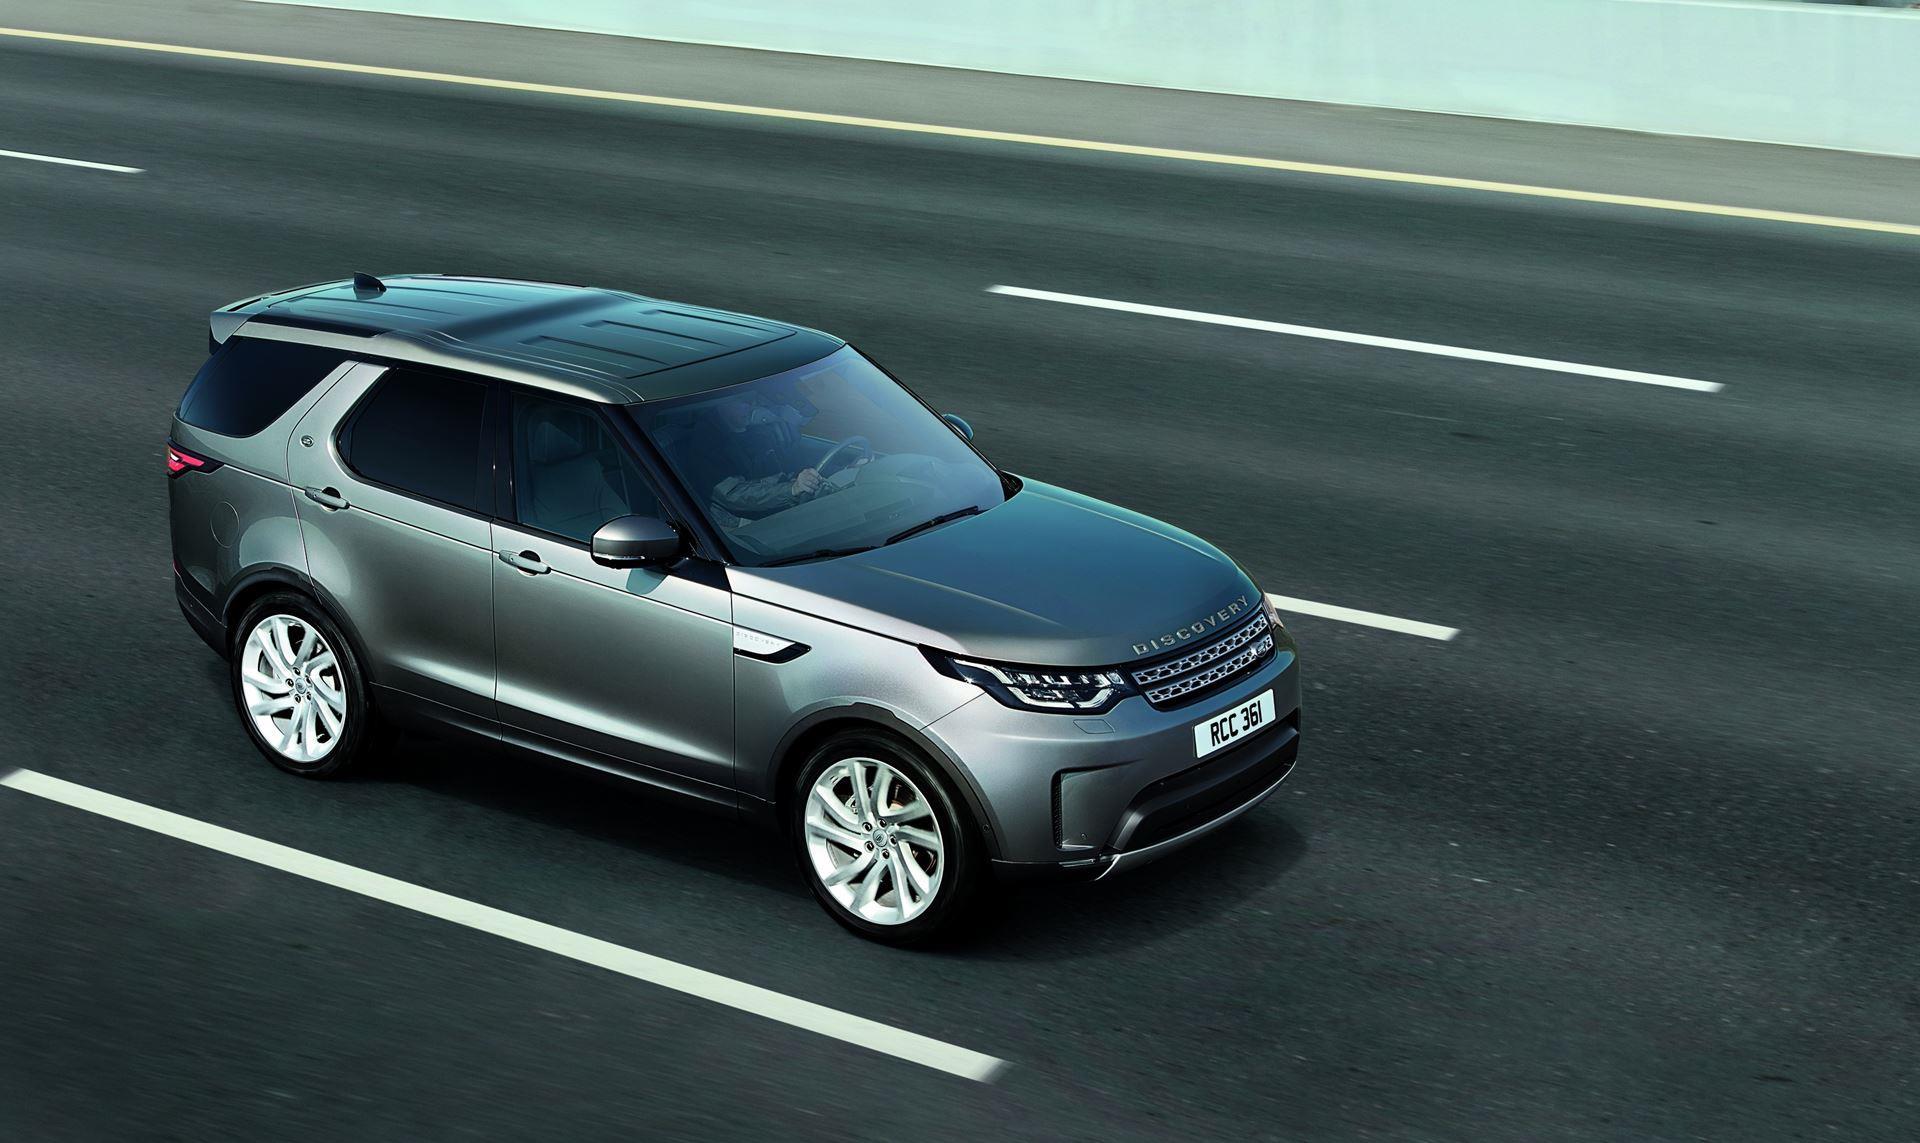 2017 Land Rover Discovery mercial conceptcarz